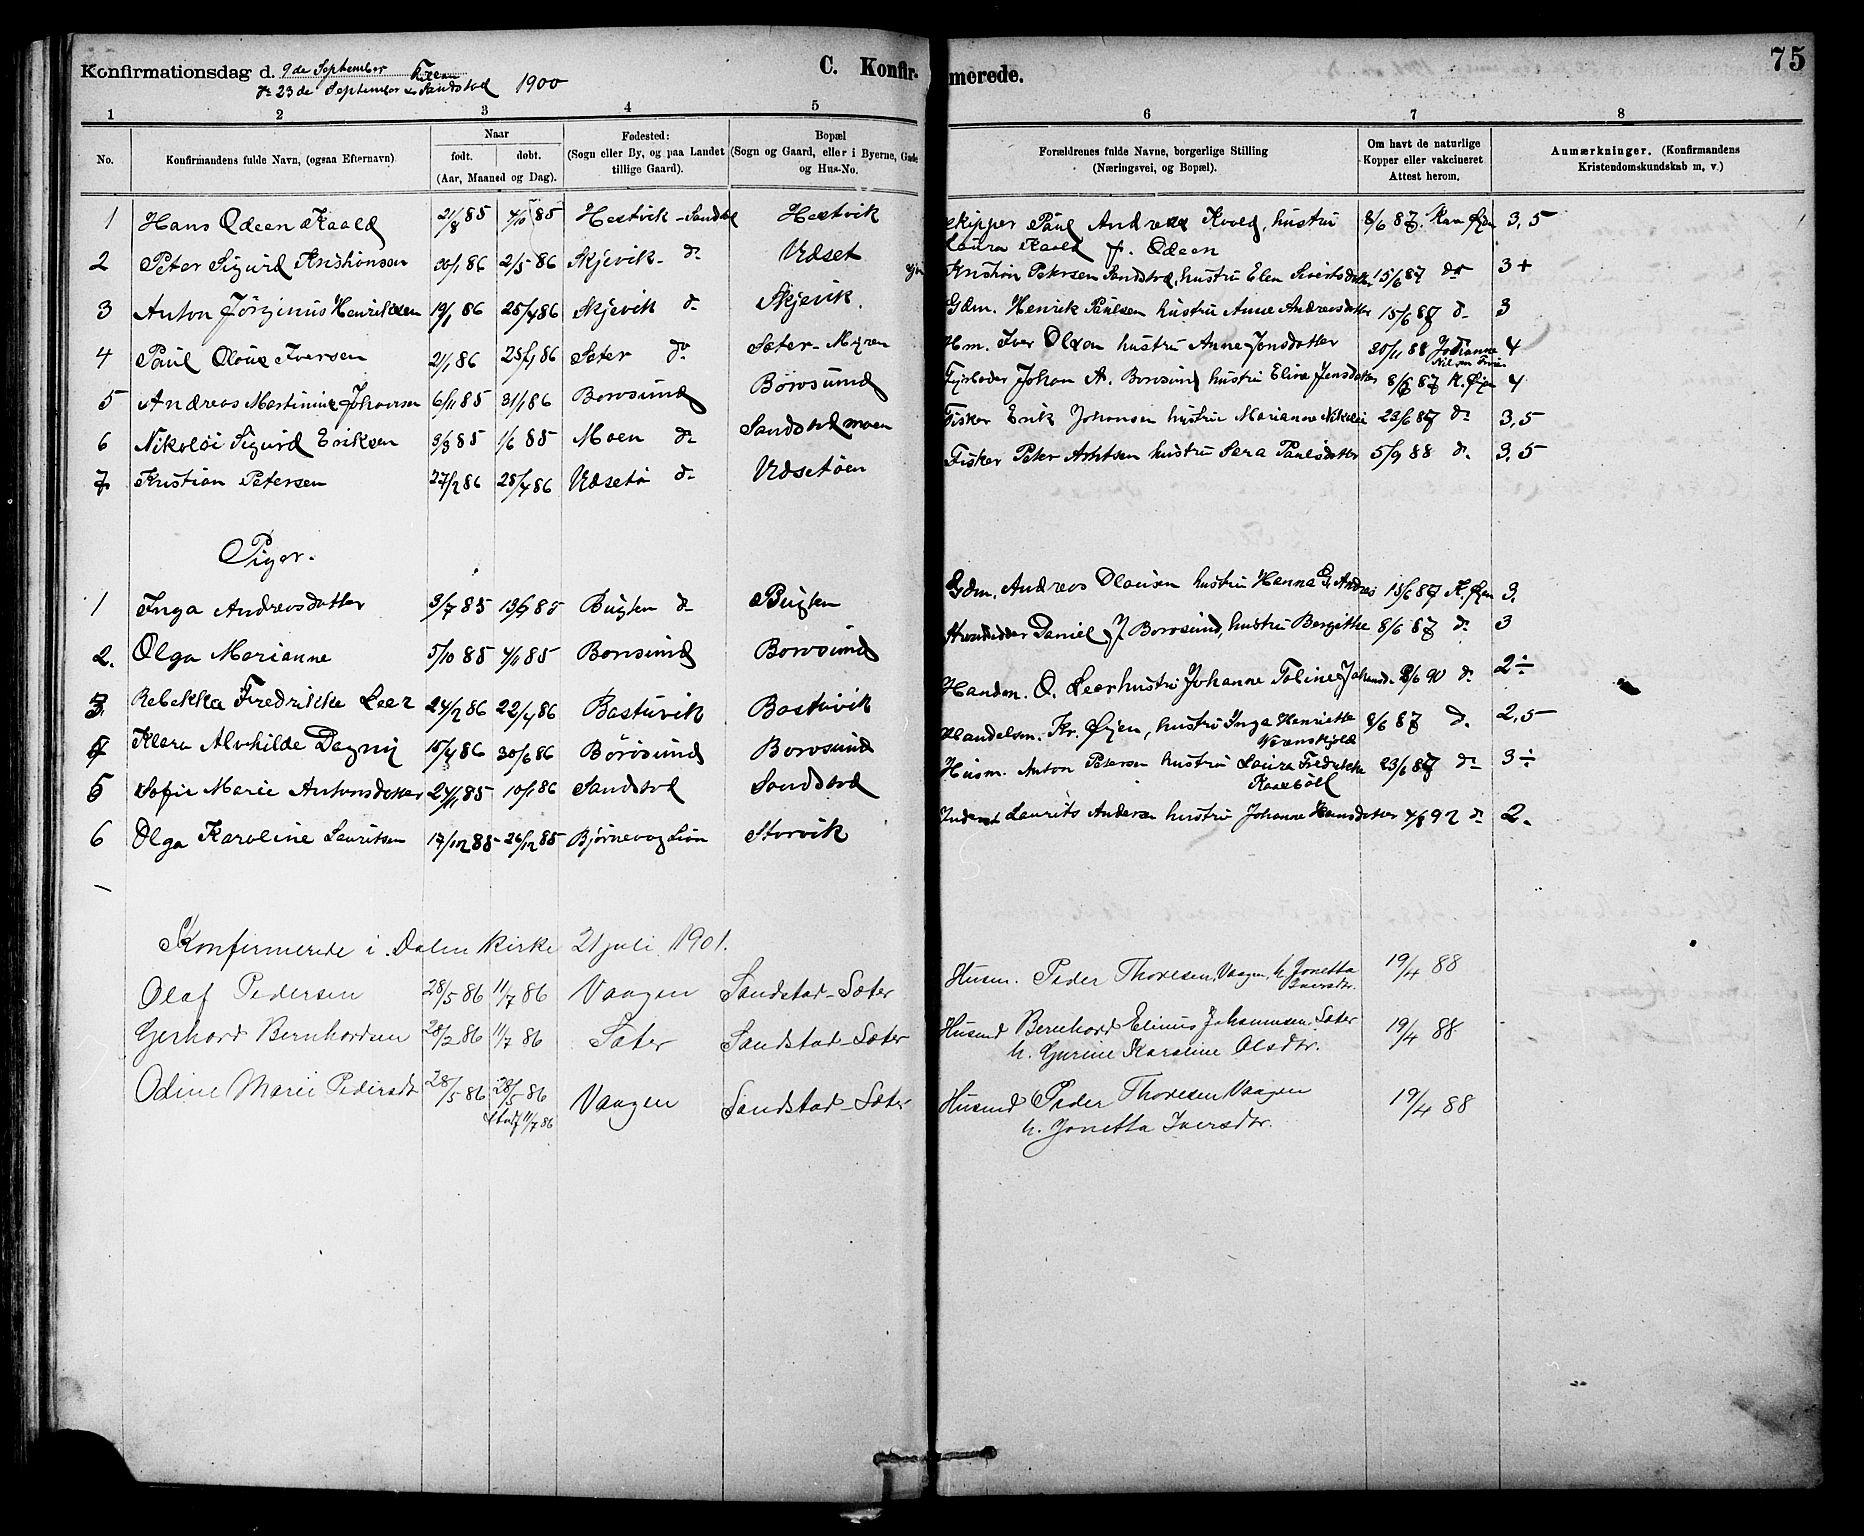 SAT, Ministerialprotokoller, klokkerbøker og fødselsregistre - Sør-Trøndelag, 639/L0573: Klokkerbok nr. 639C01, 1890-1905, s. 75